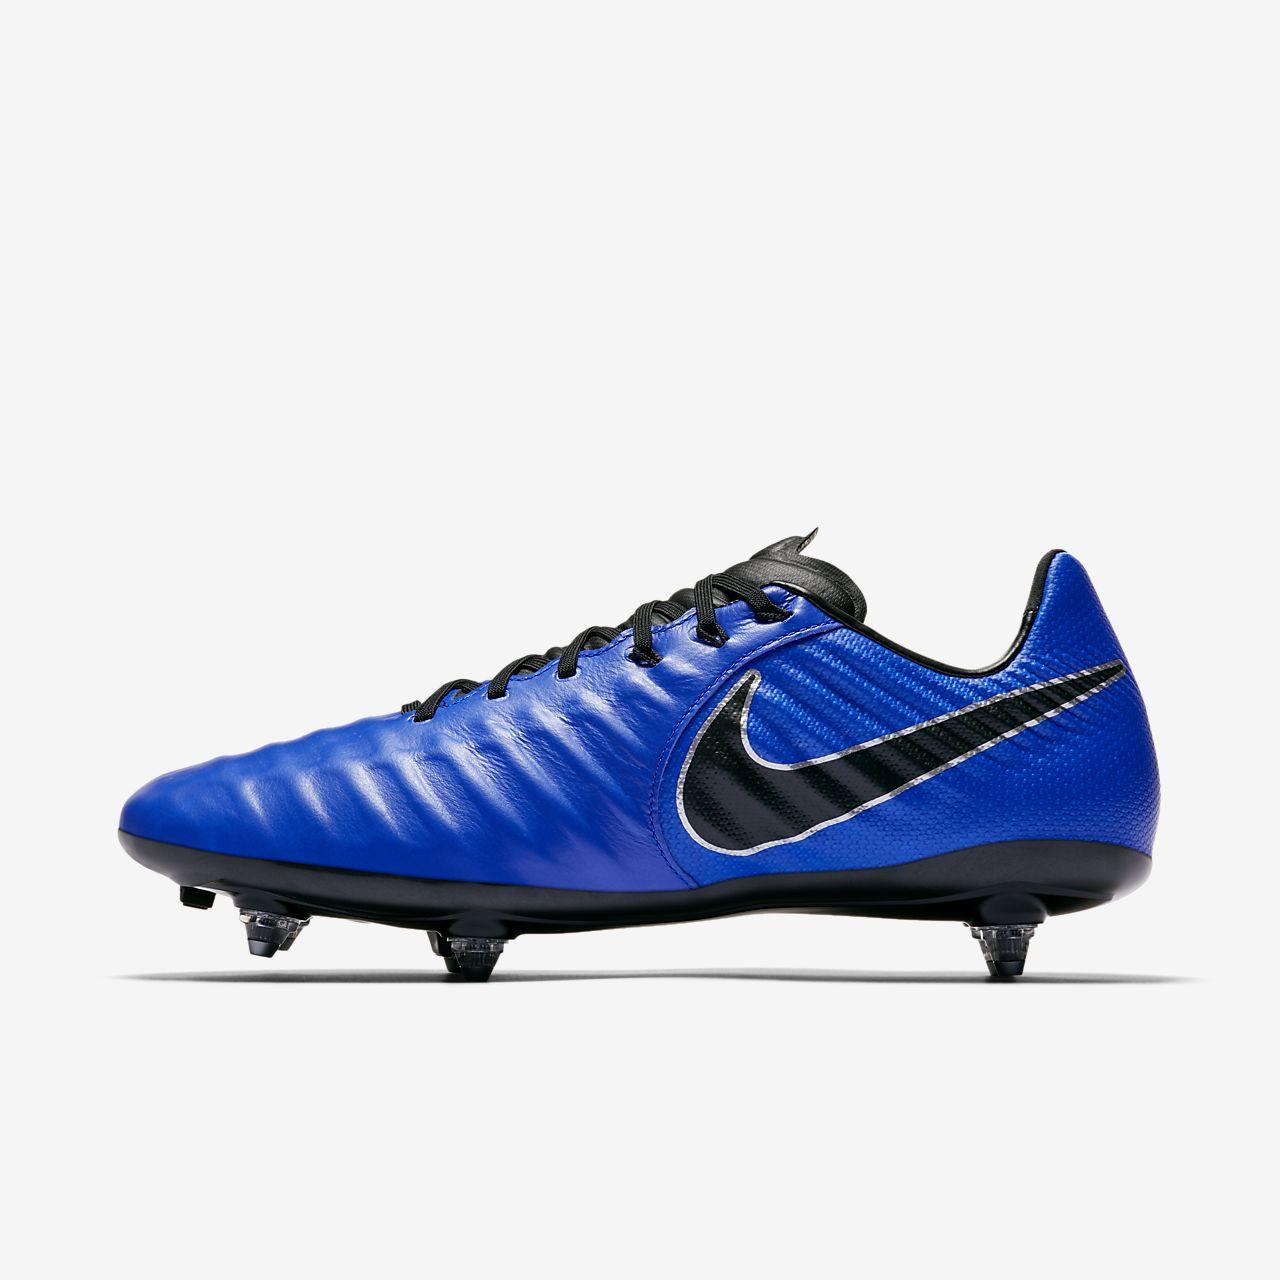 best website ad6de a852d ... Chaussure de football à crampons pour terrain gras Nike Tiempo Legend  VII Pro